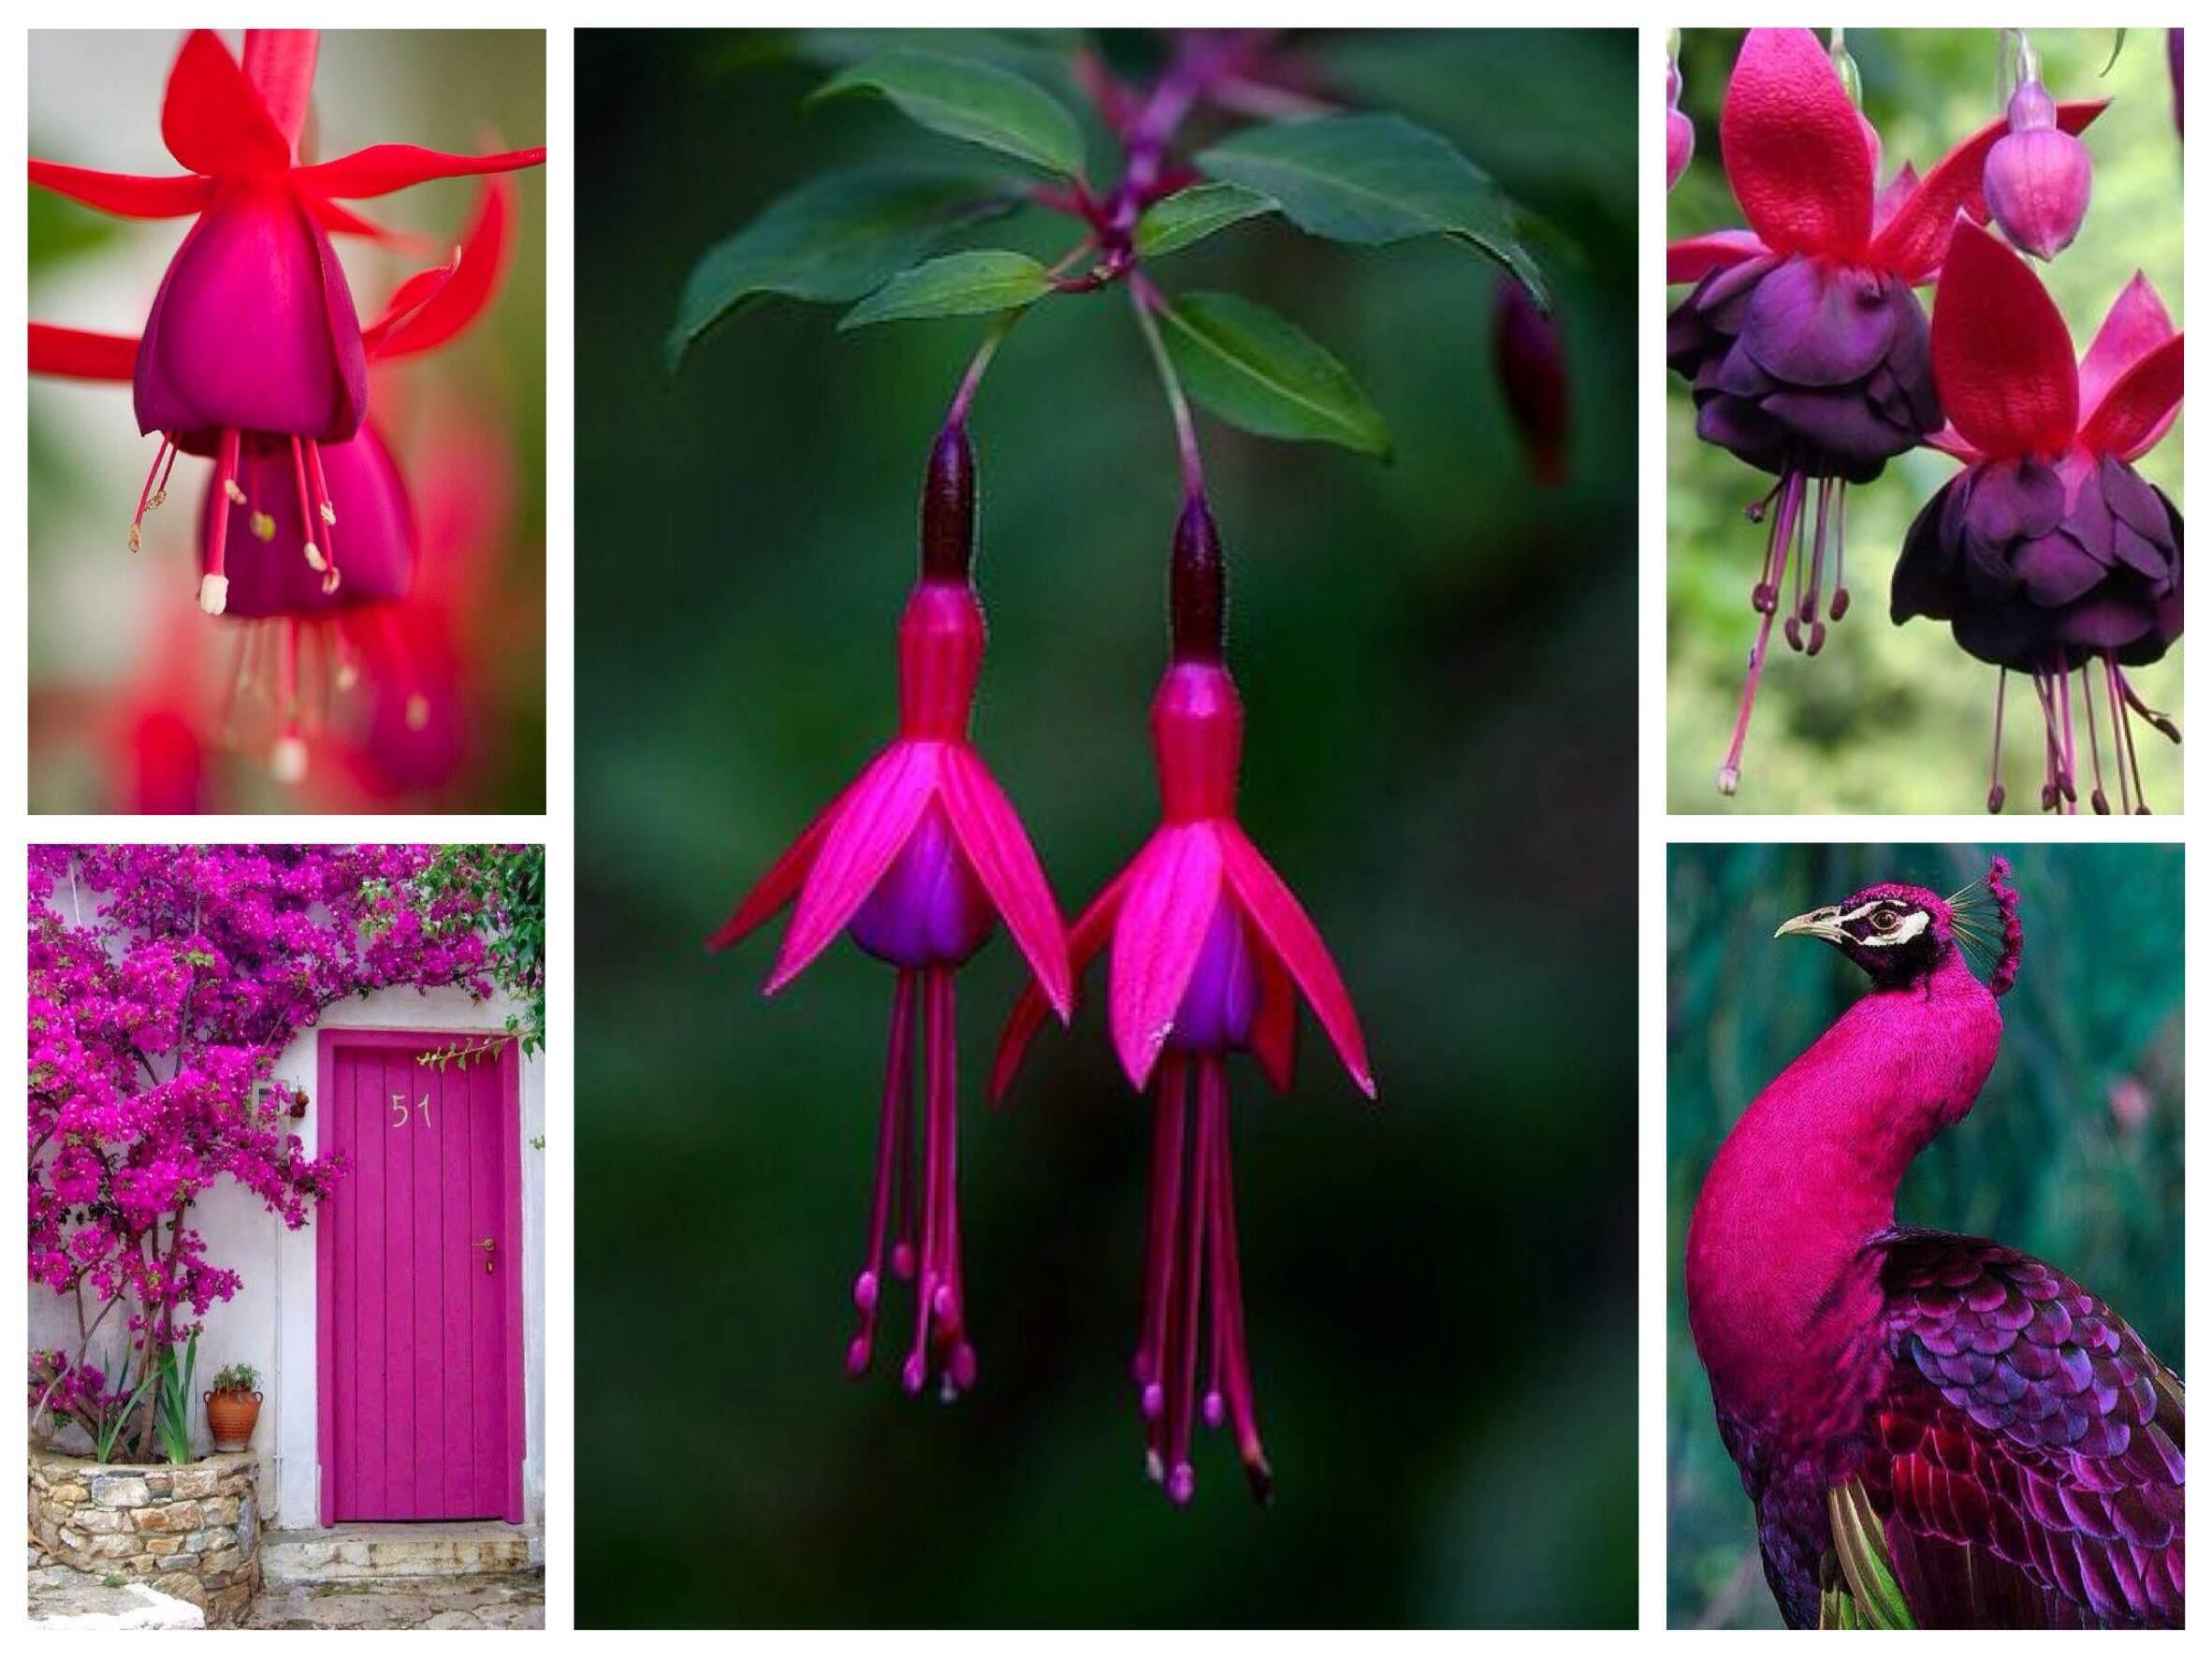 Цветы цвета фуксии